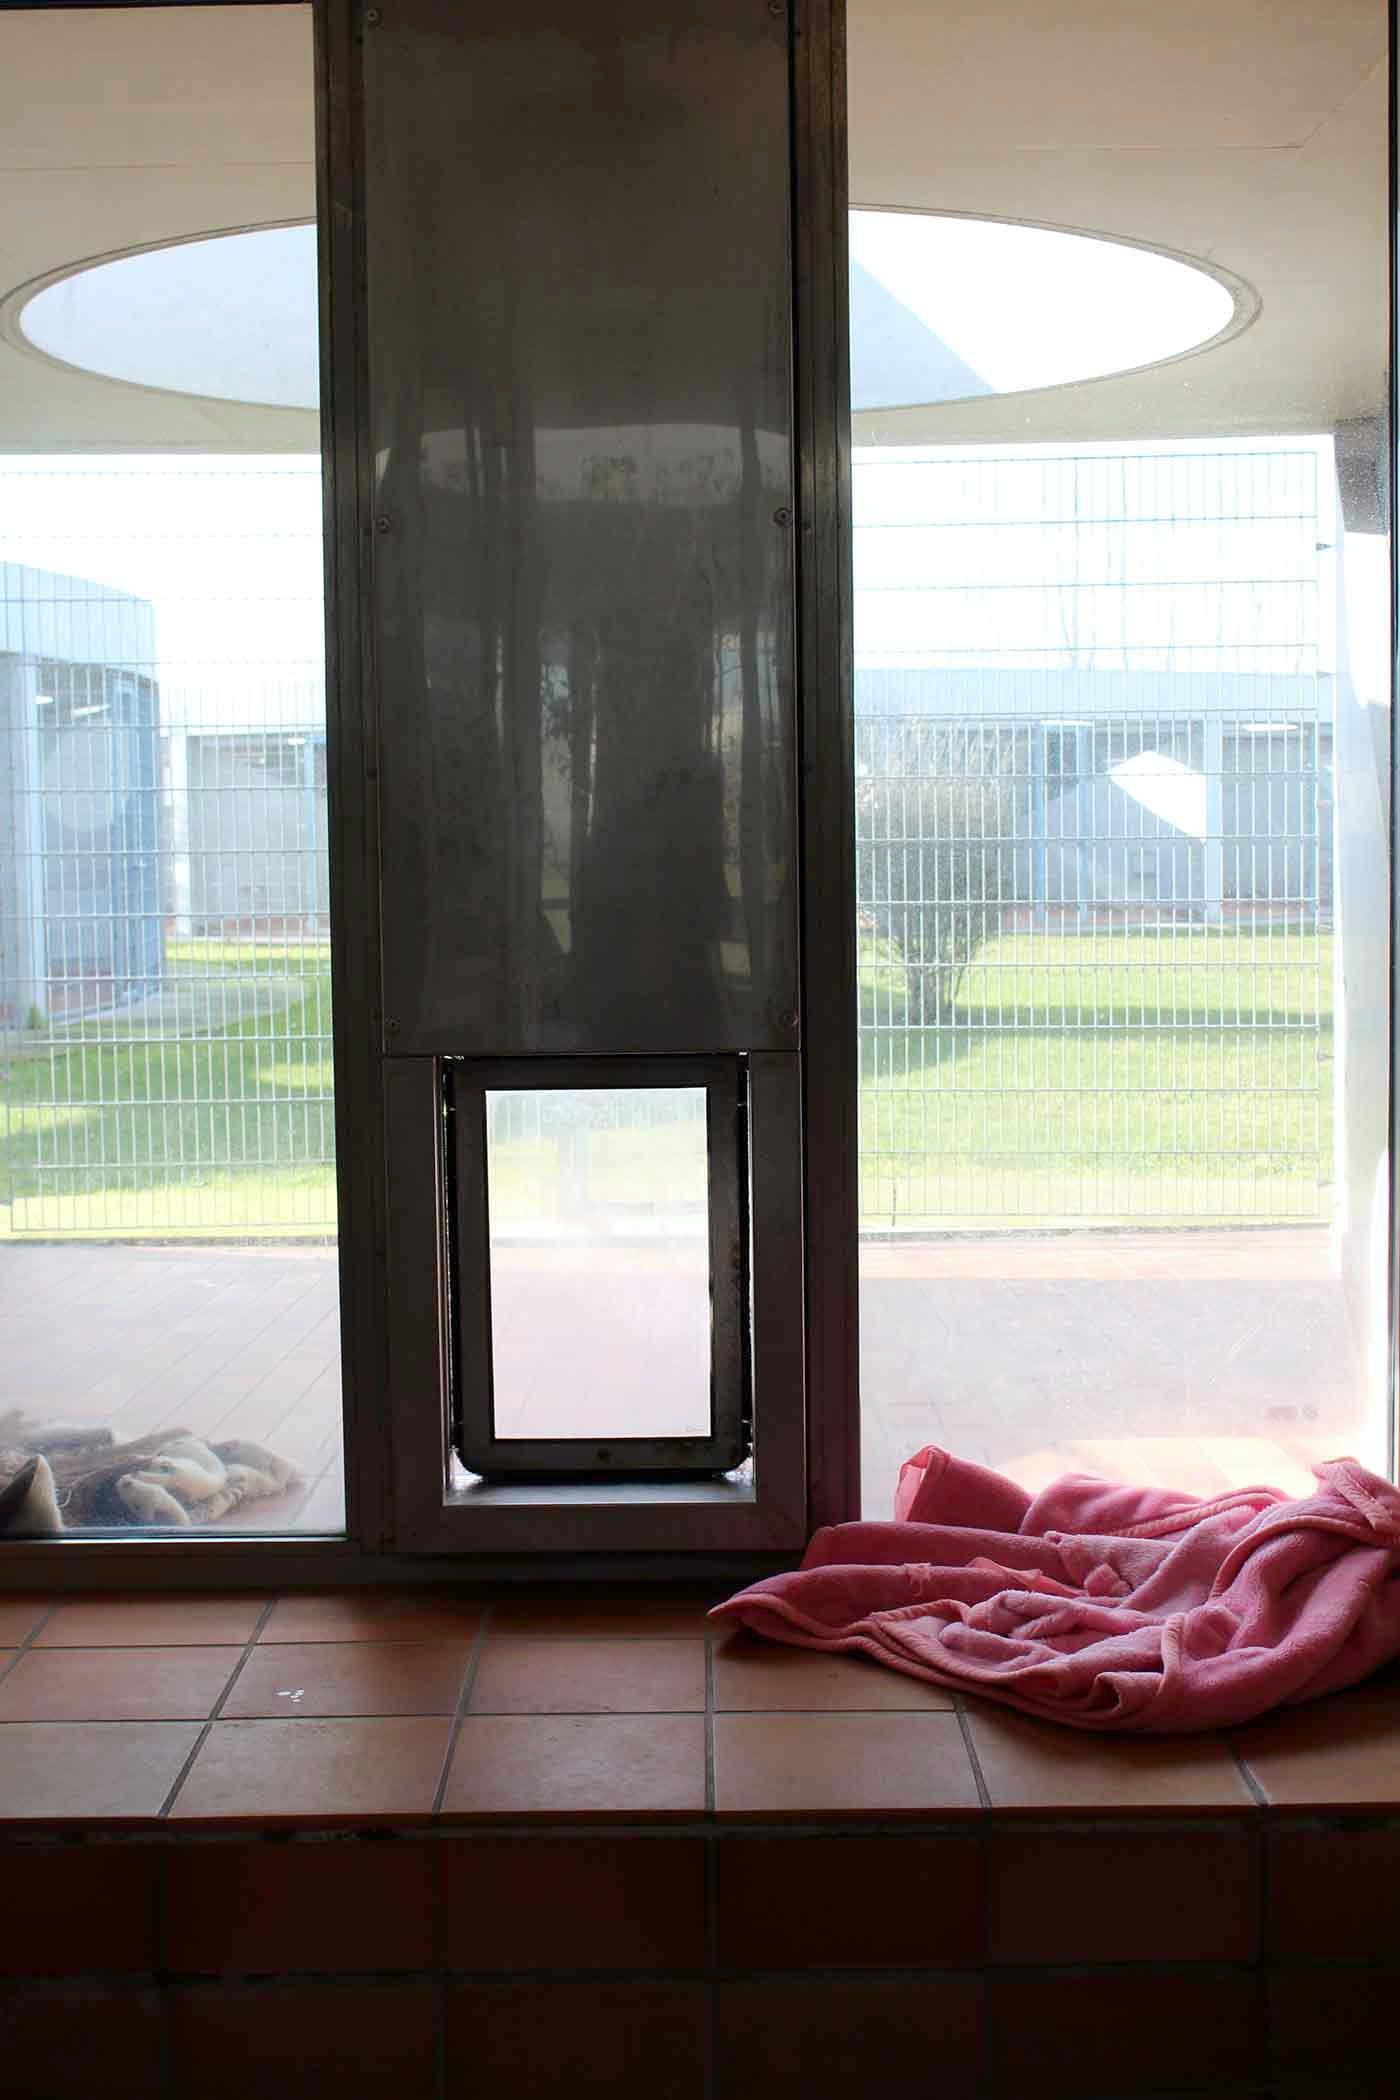 ティアハイム・ベルリンの犬舎に備わっている犬専用の出入り口